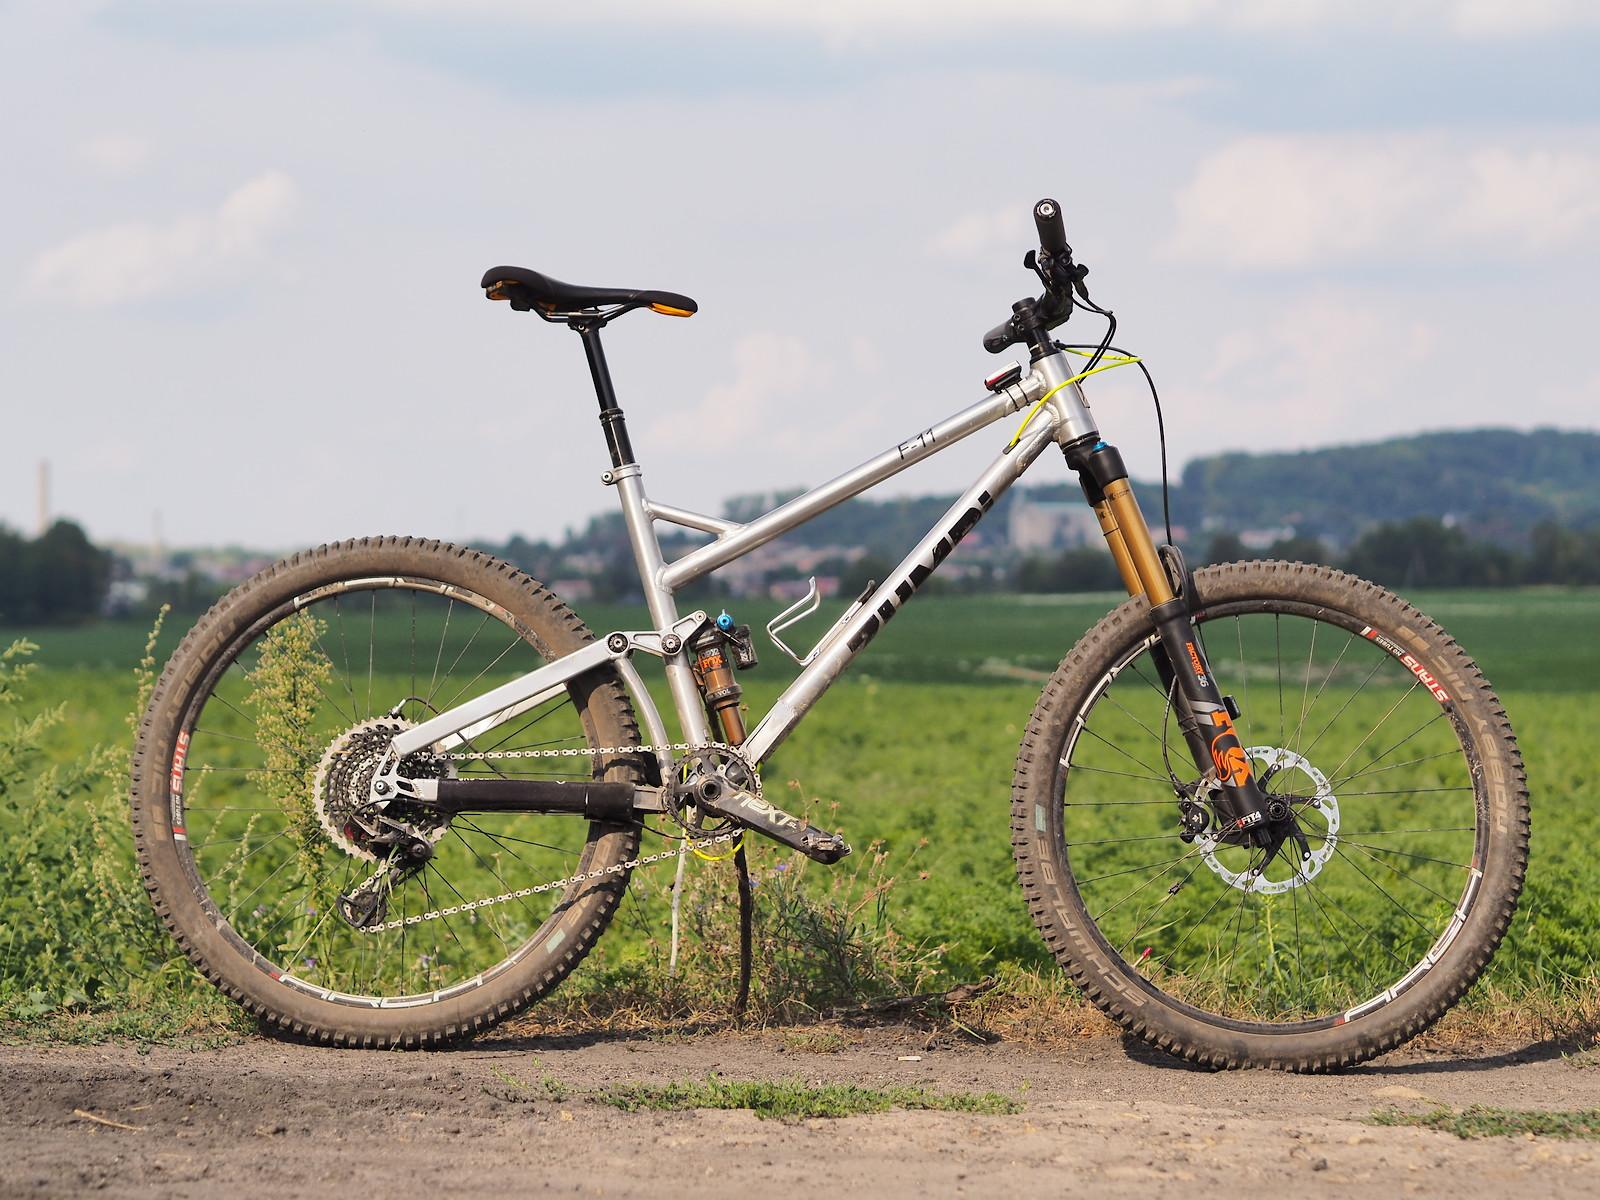 Kacper80's Zumbi